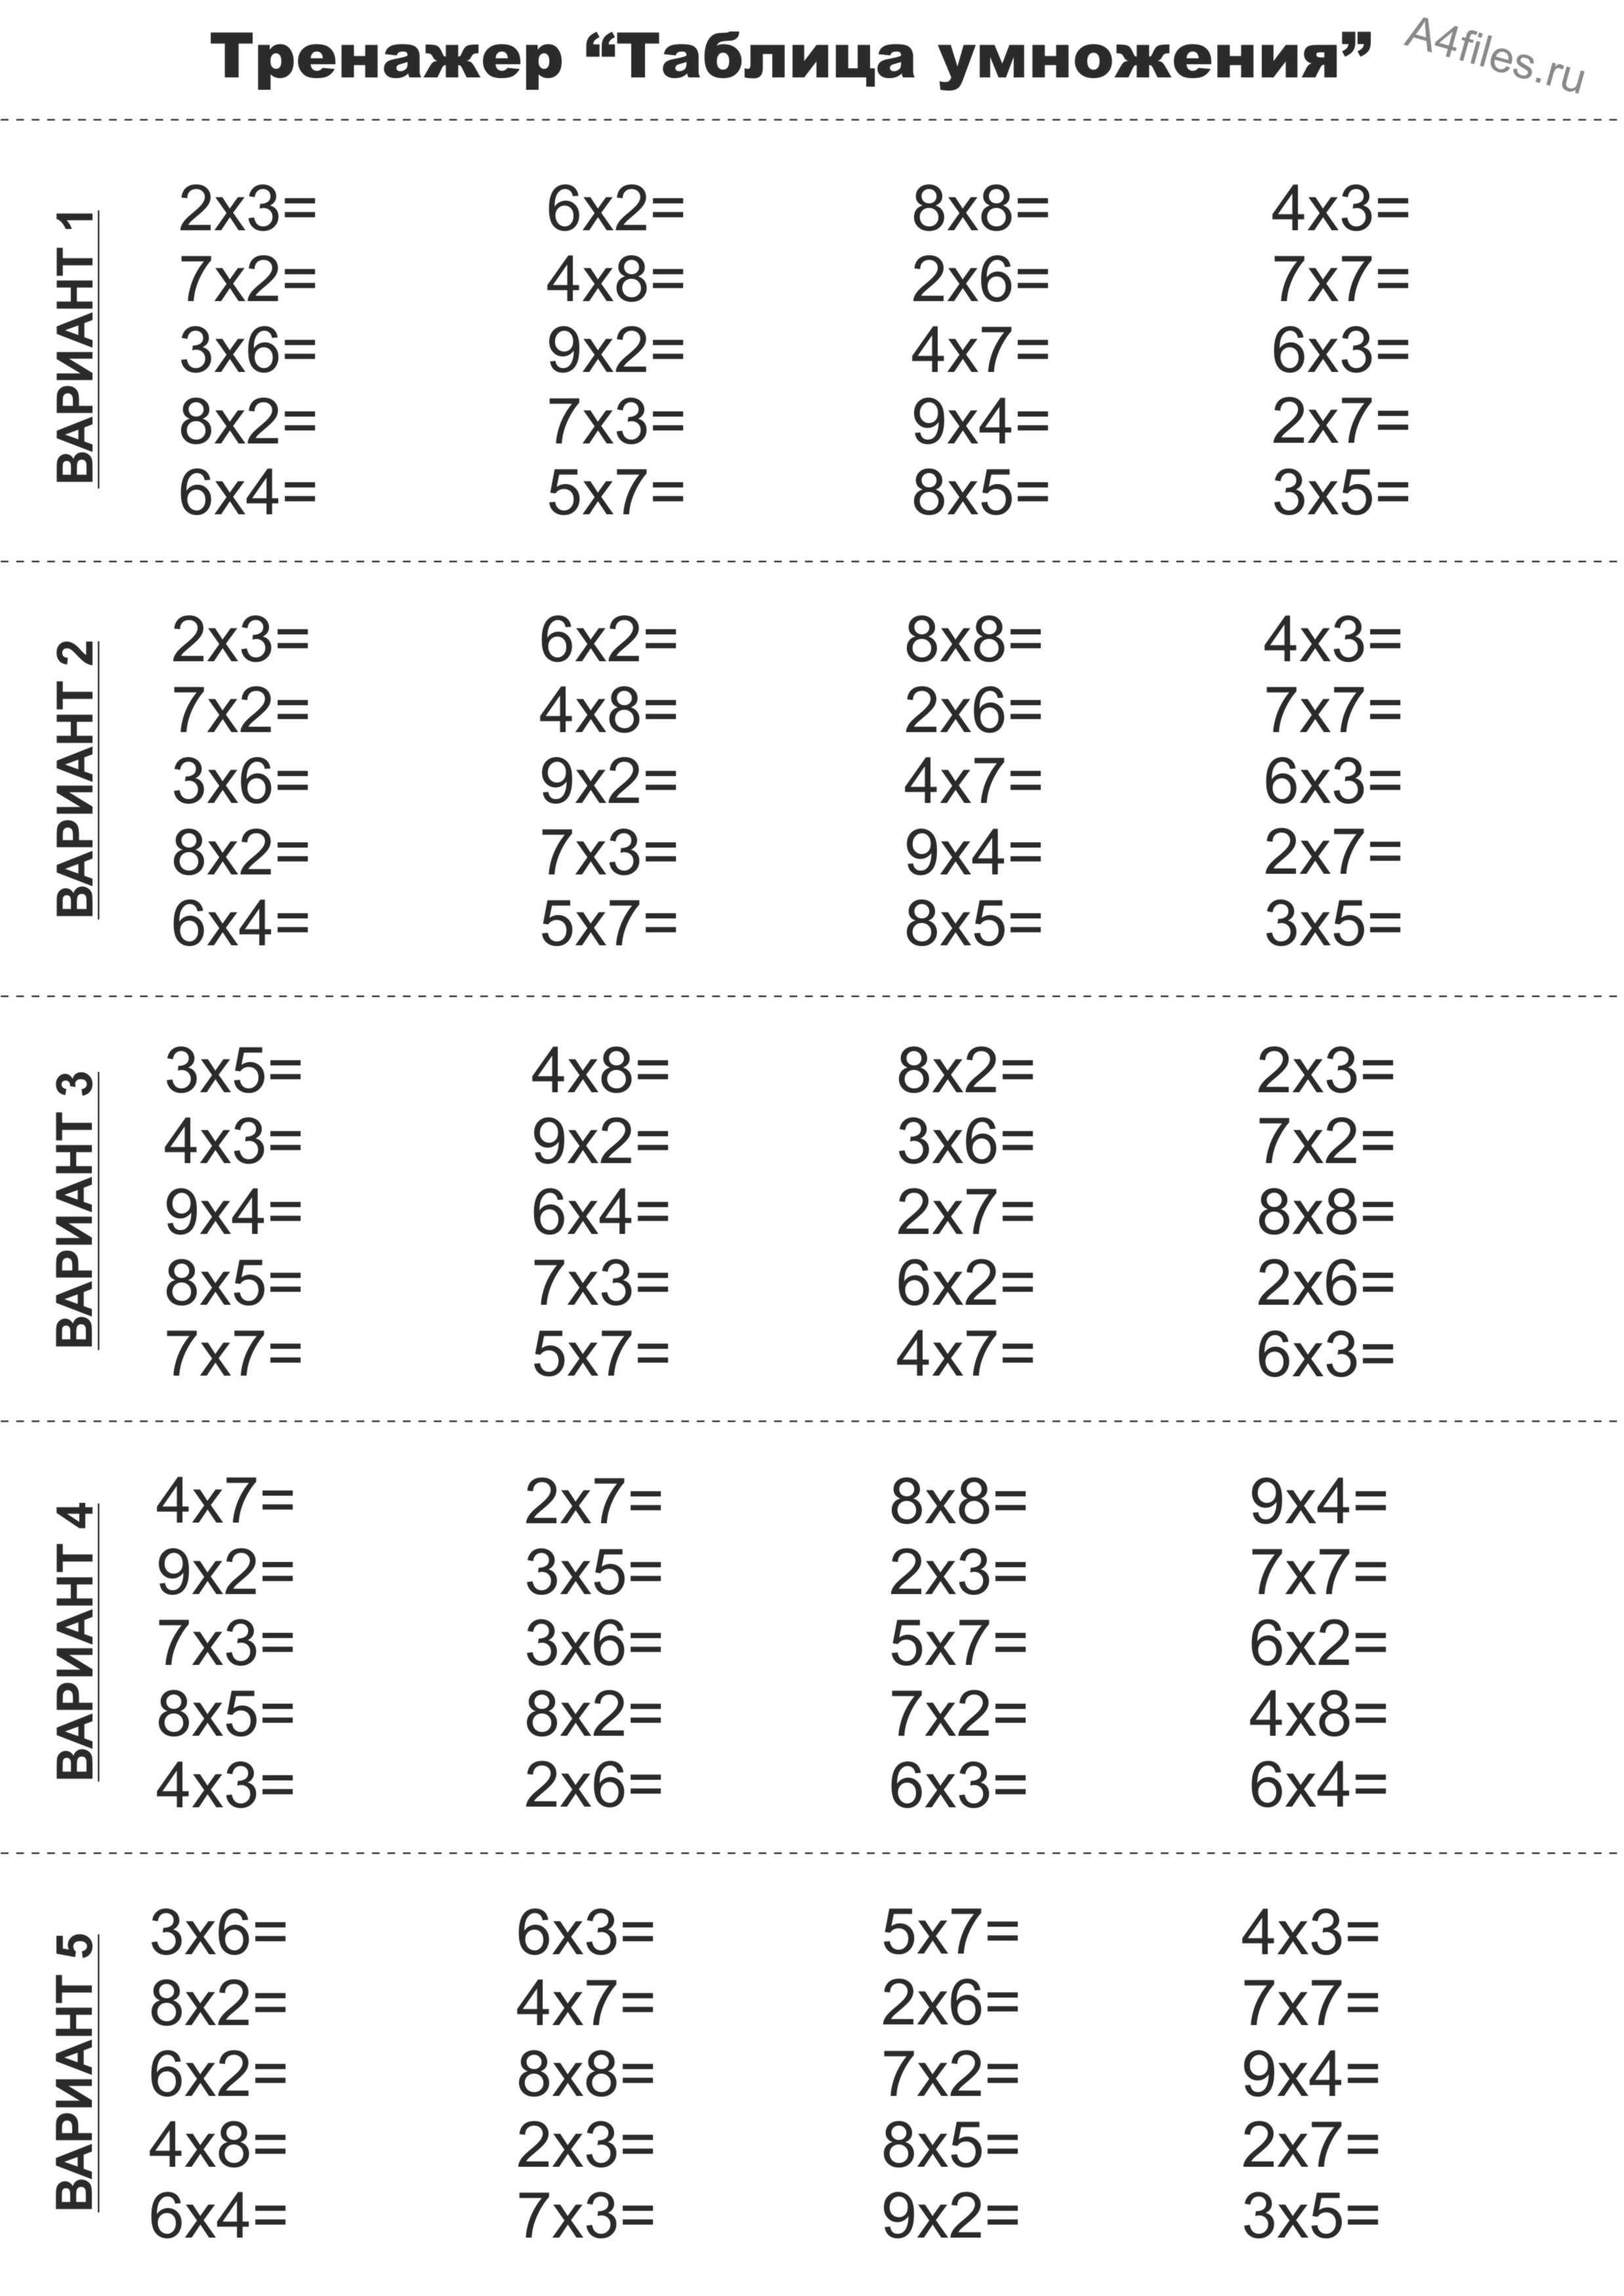 примеры на таблицу умножения без ответов распечатать